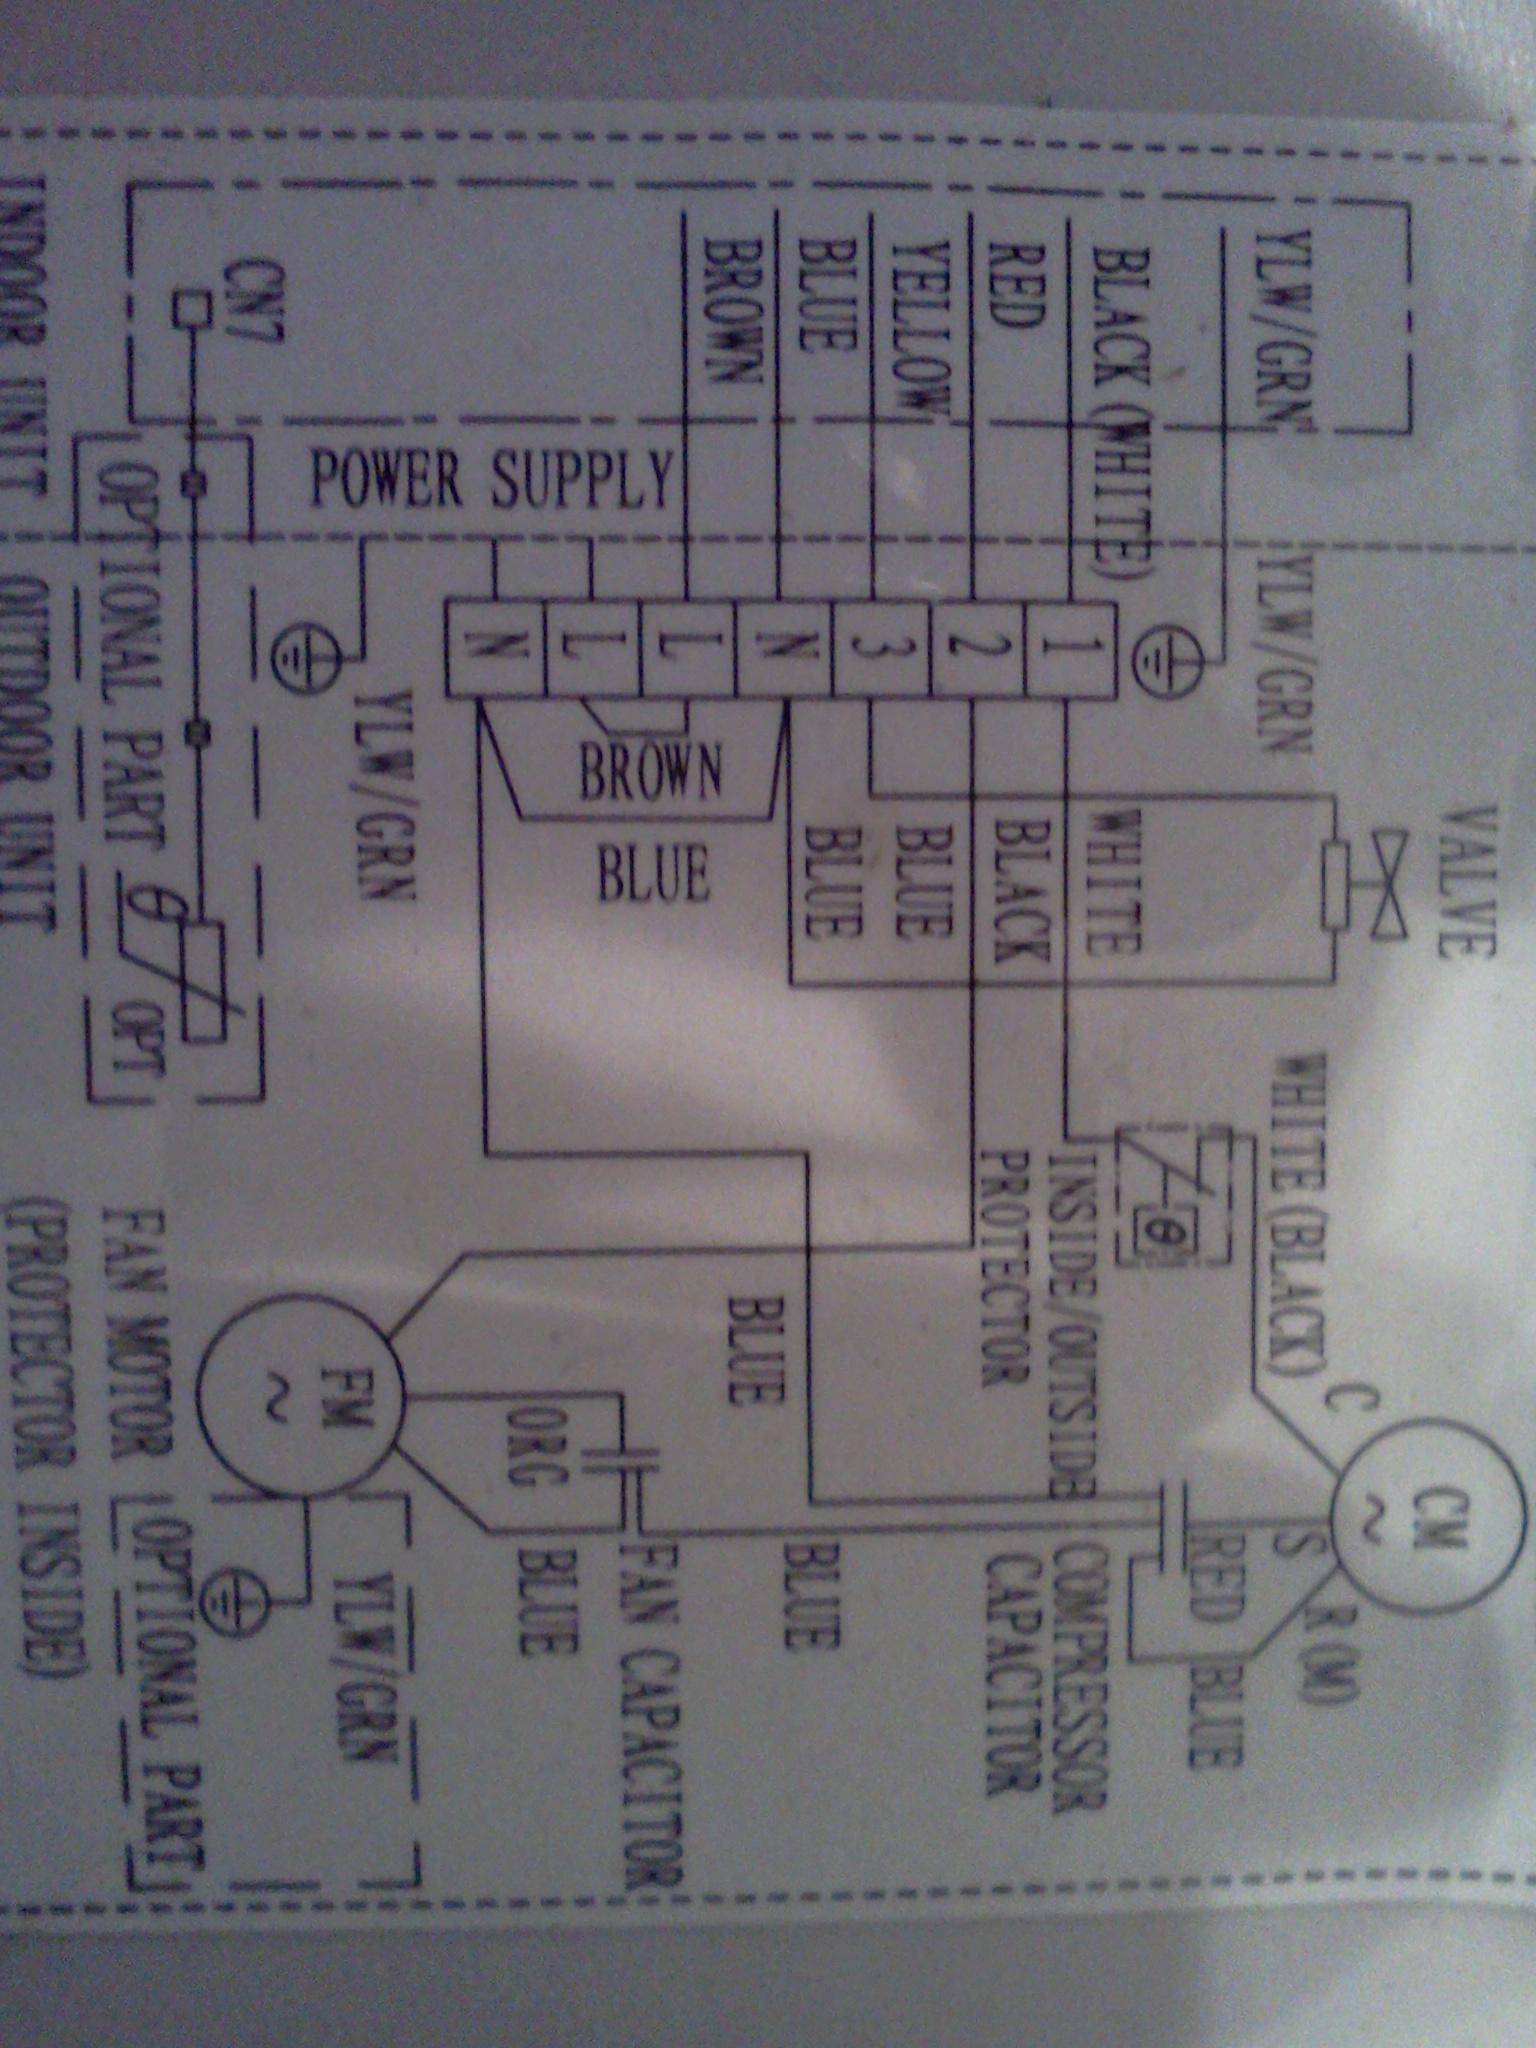 W210 Ac Wiring Diagram